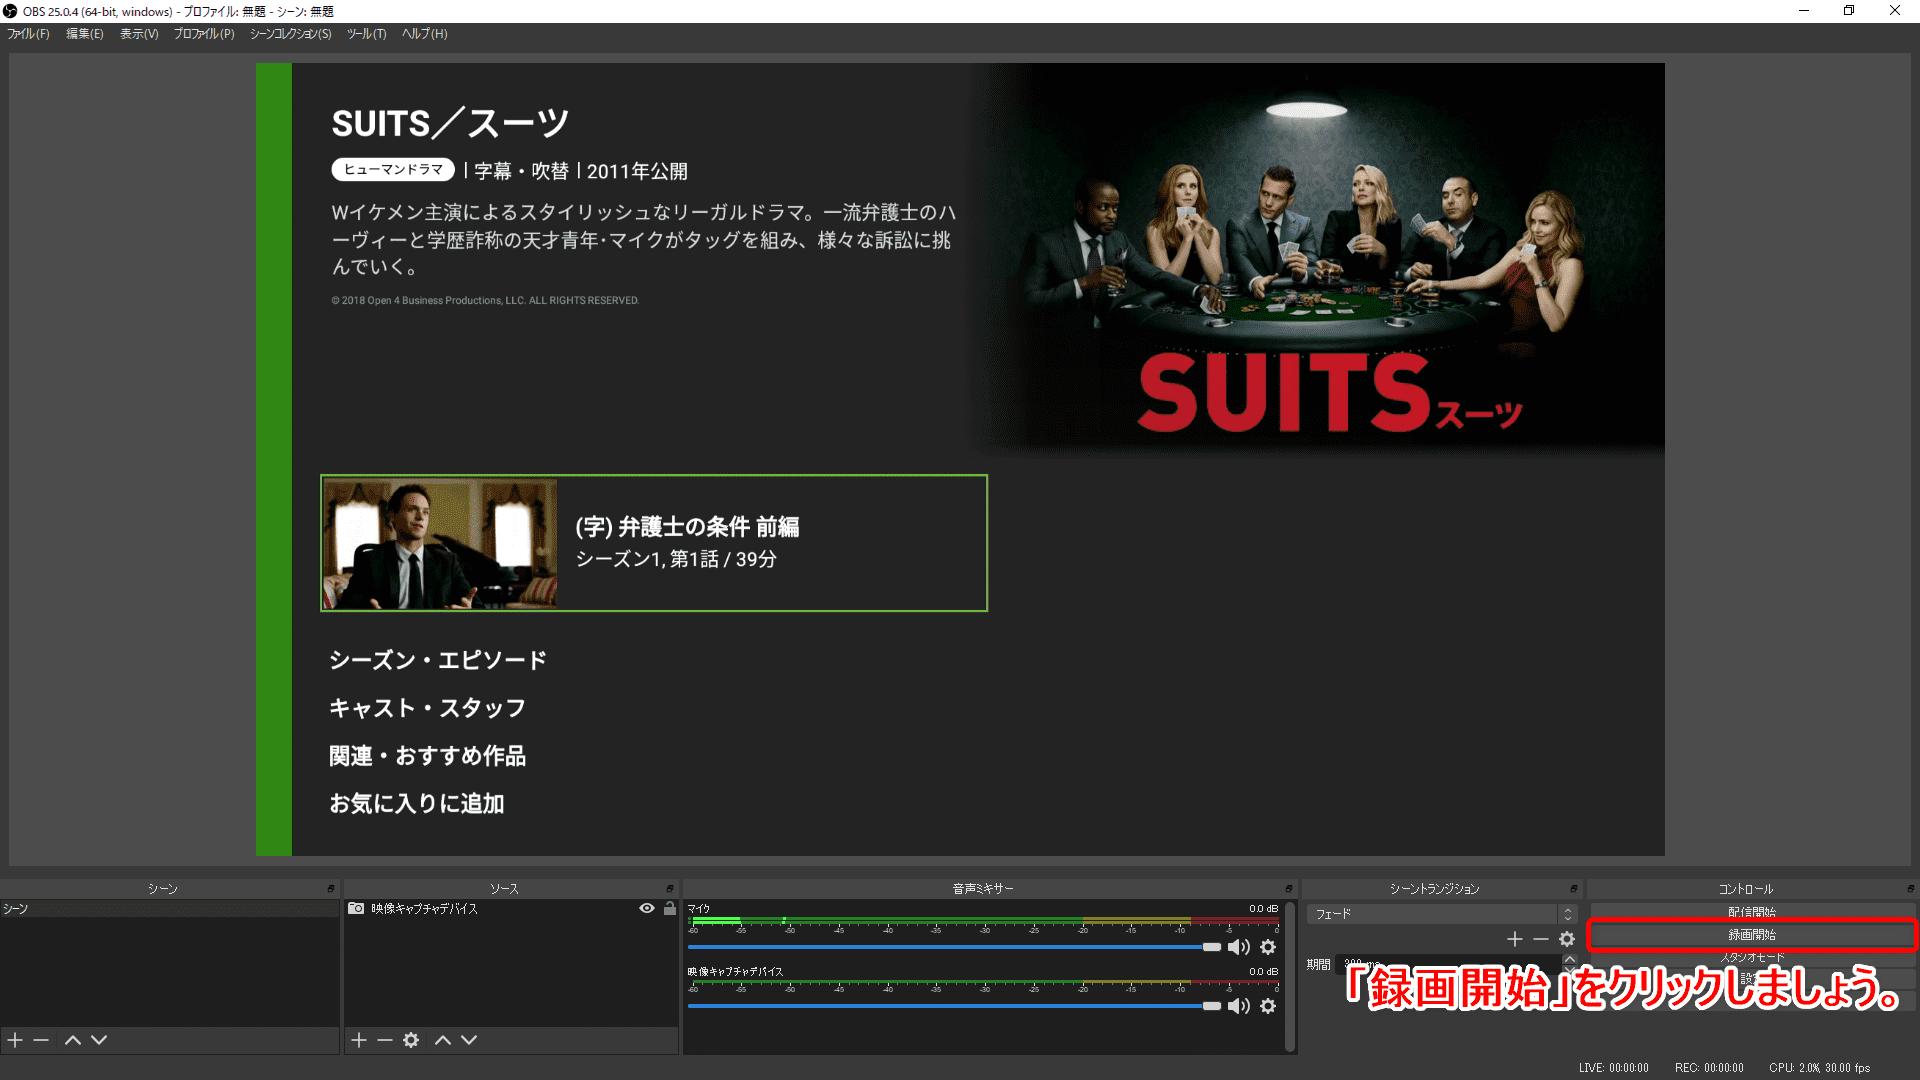 【海外ドラマ・スーツを無料視聴】動画配信サービスでスーツ・シーズン1~シーズン8まで無料録画してPC保存する|Huluなら月額933円でSUITSが見放題!|録画方法:OBS Studioで動画を録画する:動画コンテンツの再生に合わせて、OBS Studio操作画面の右側にある「録画開始」ボタンを1回クリックして動画の録画を開始させればOK。